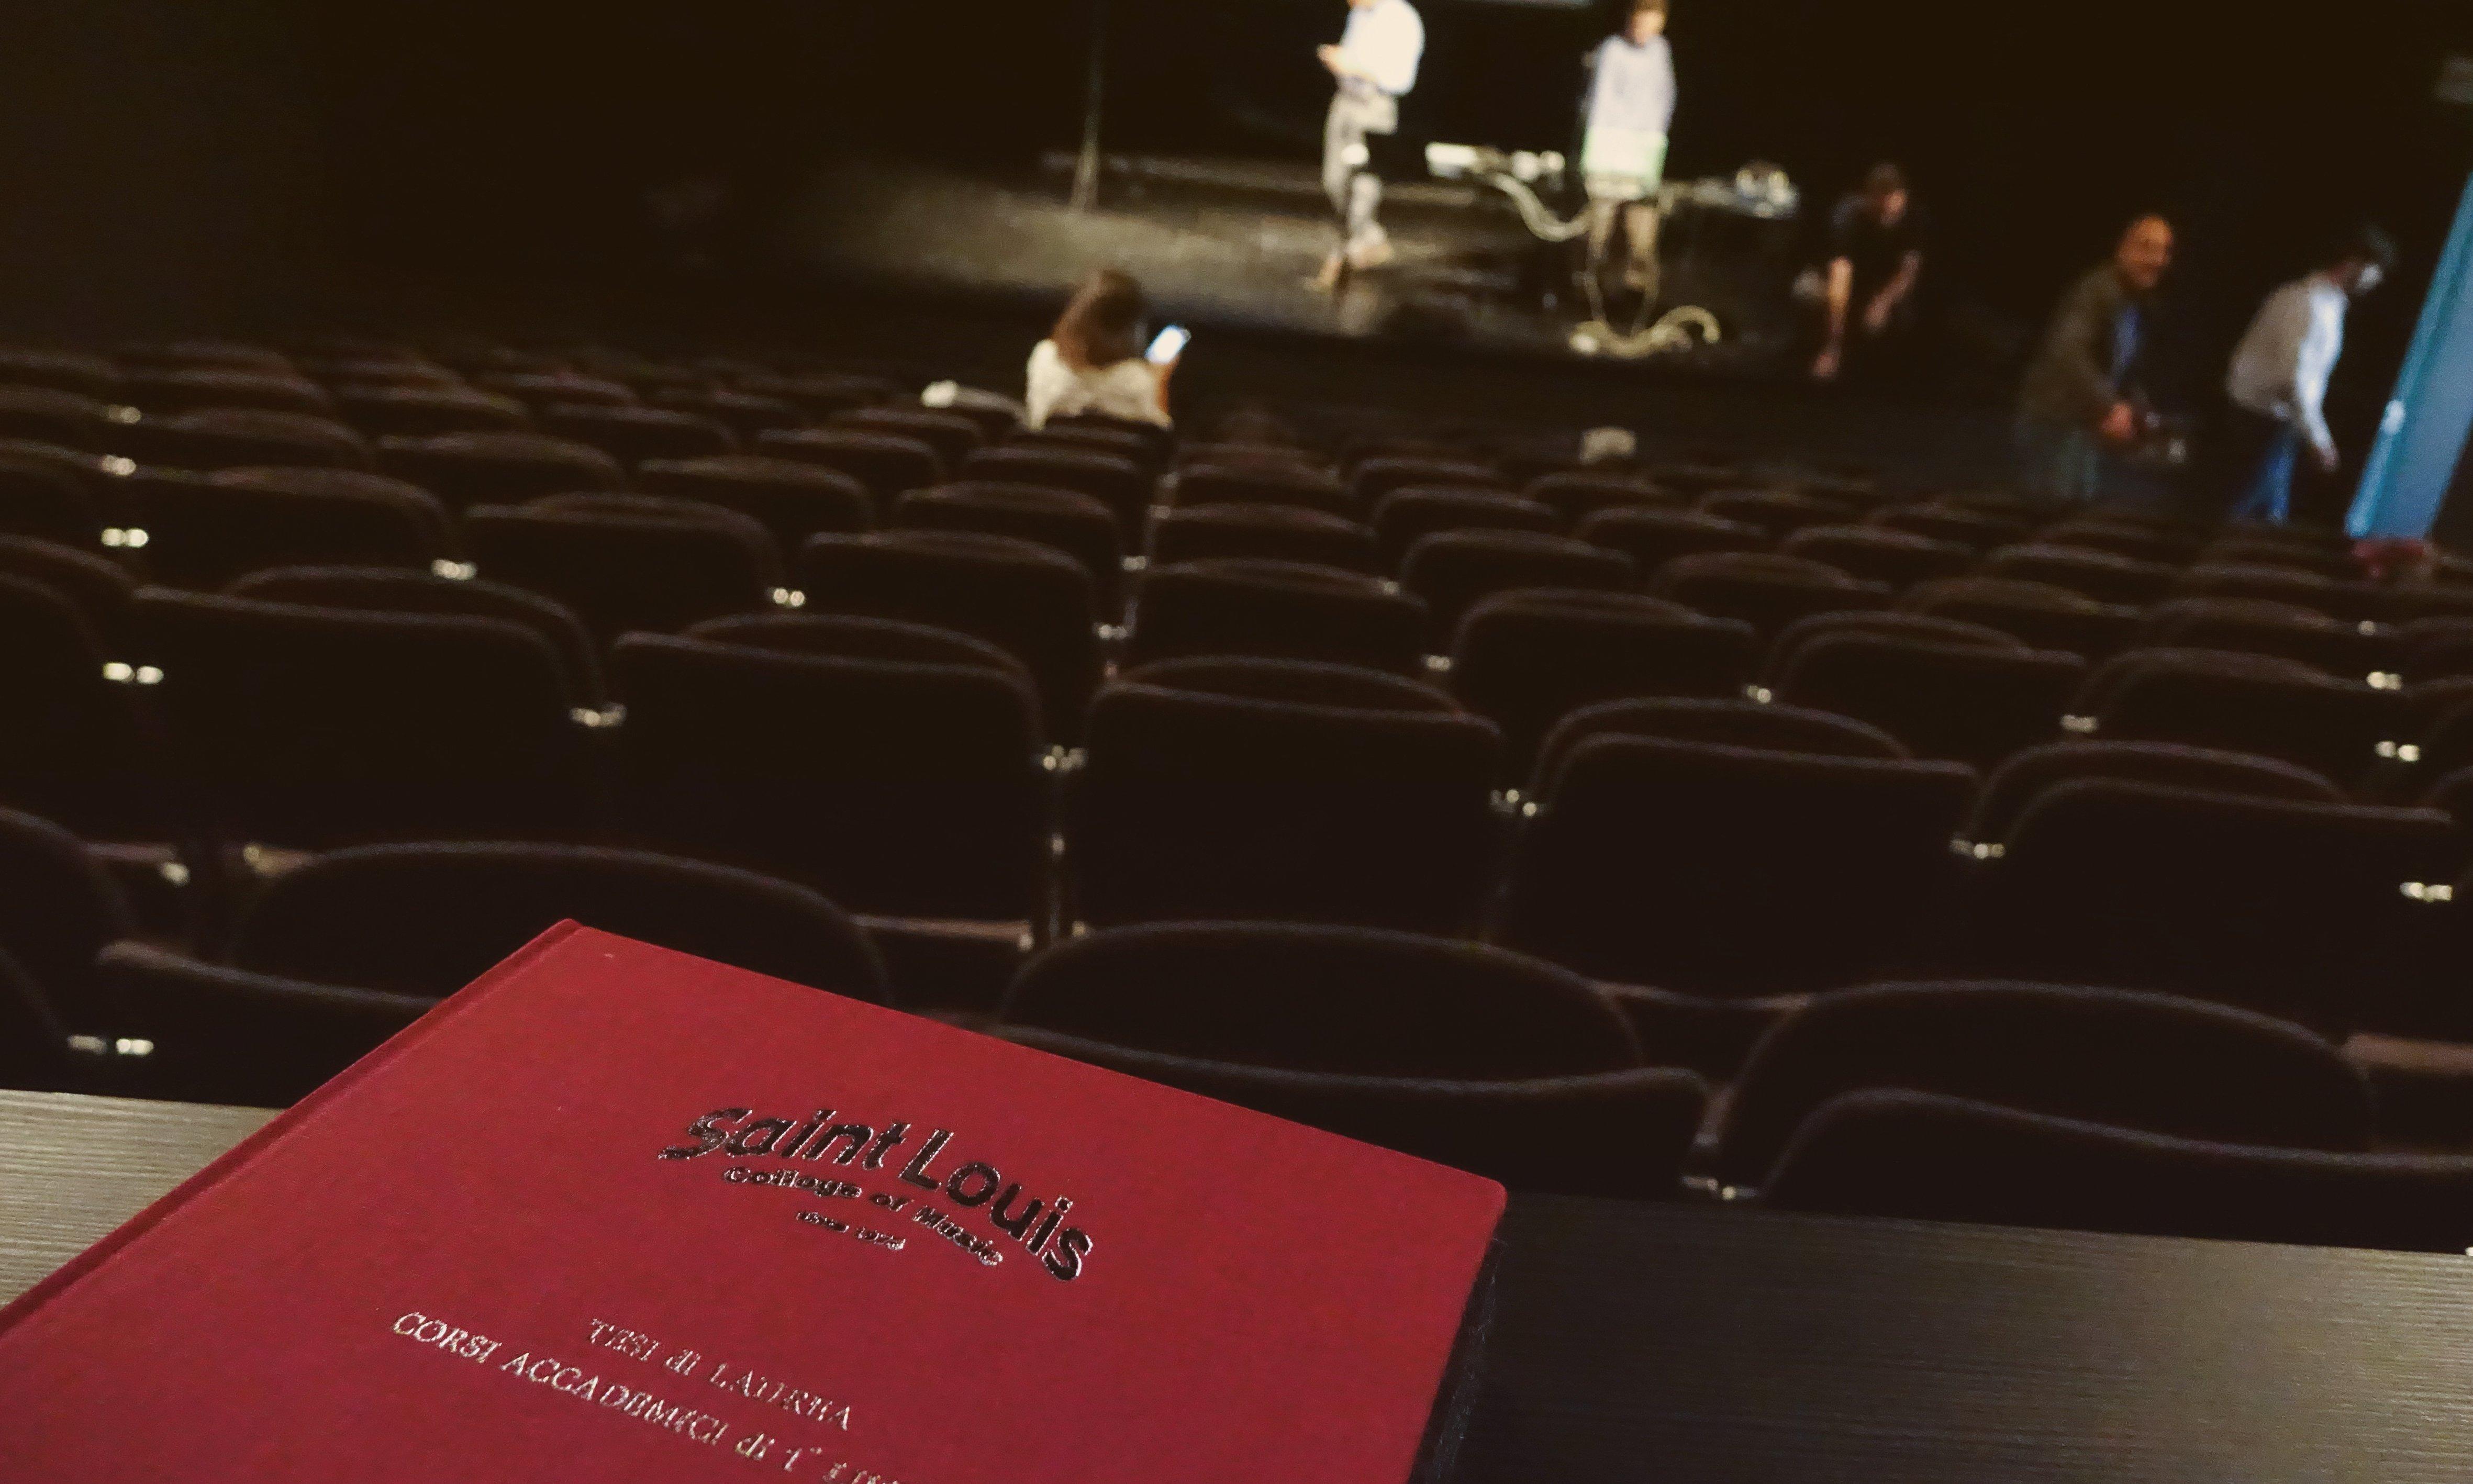 TESI DI LAUREA – Sessione settembre 2019